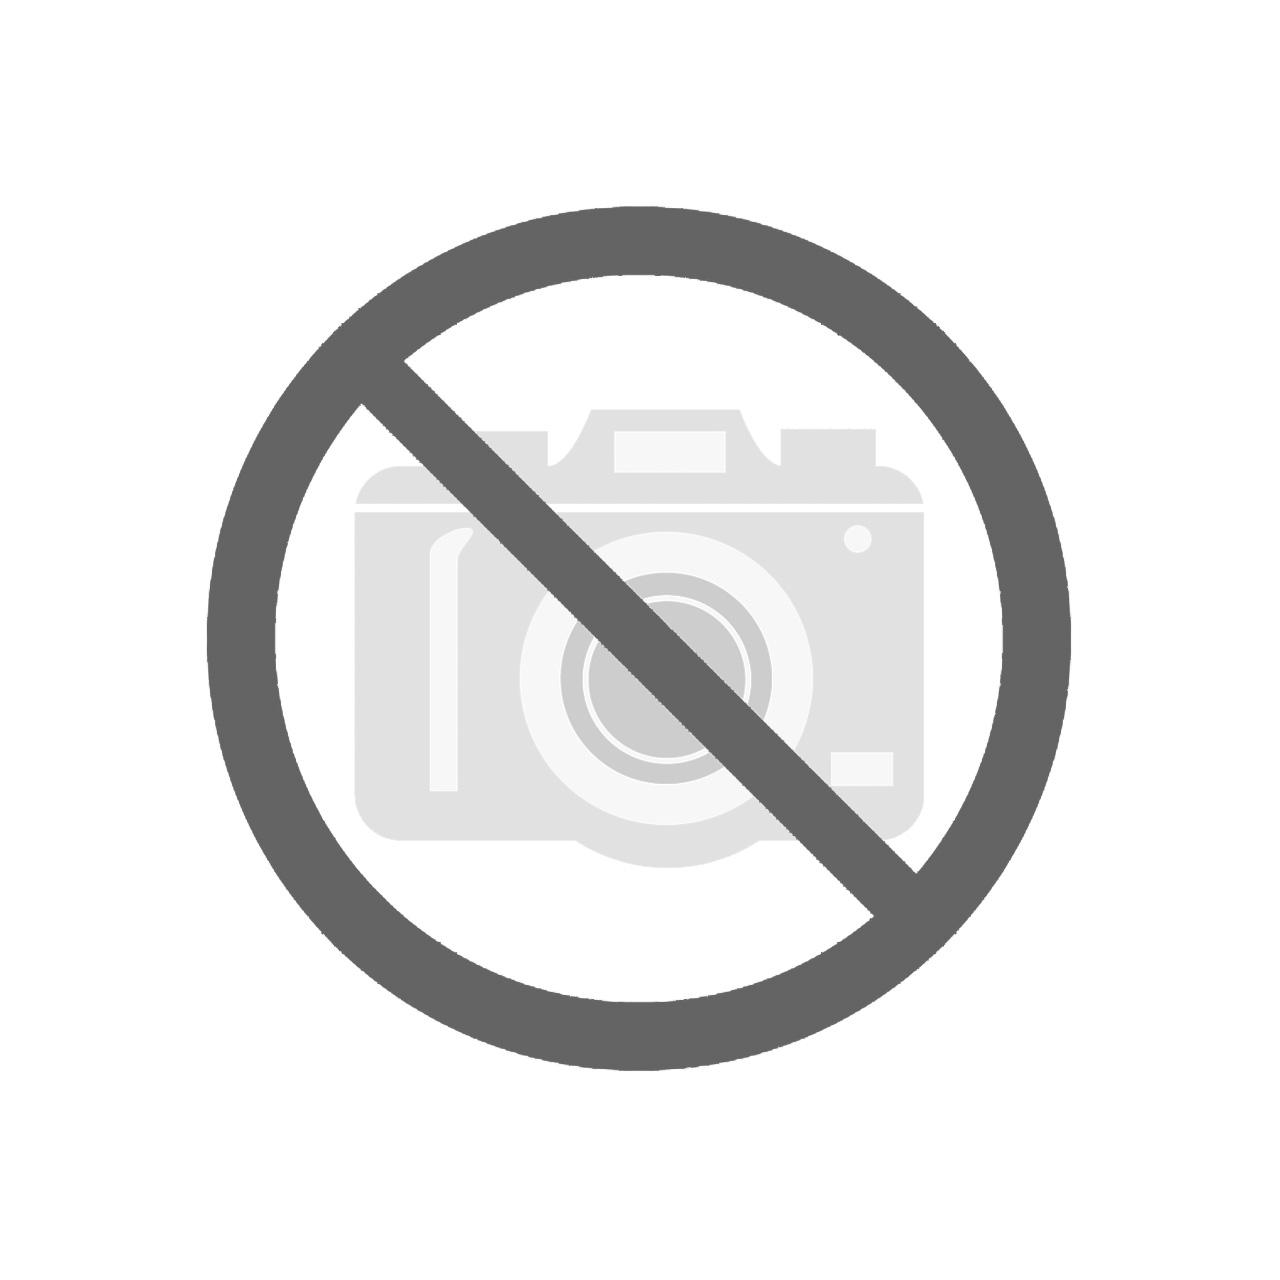 Taśma szlifierska 200 x 50000 mm - G 40 * BERNARDO